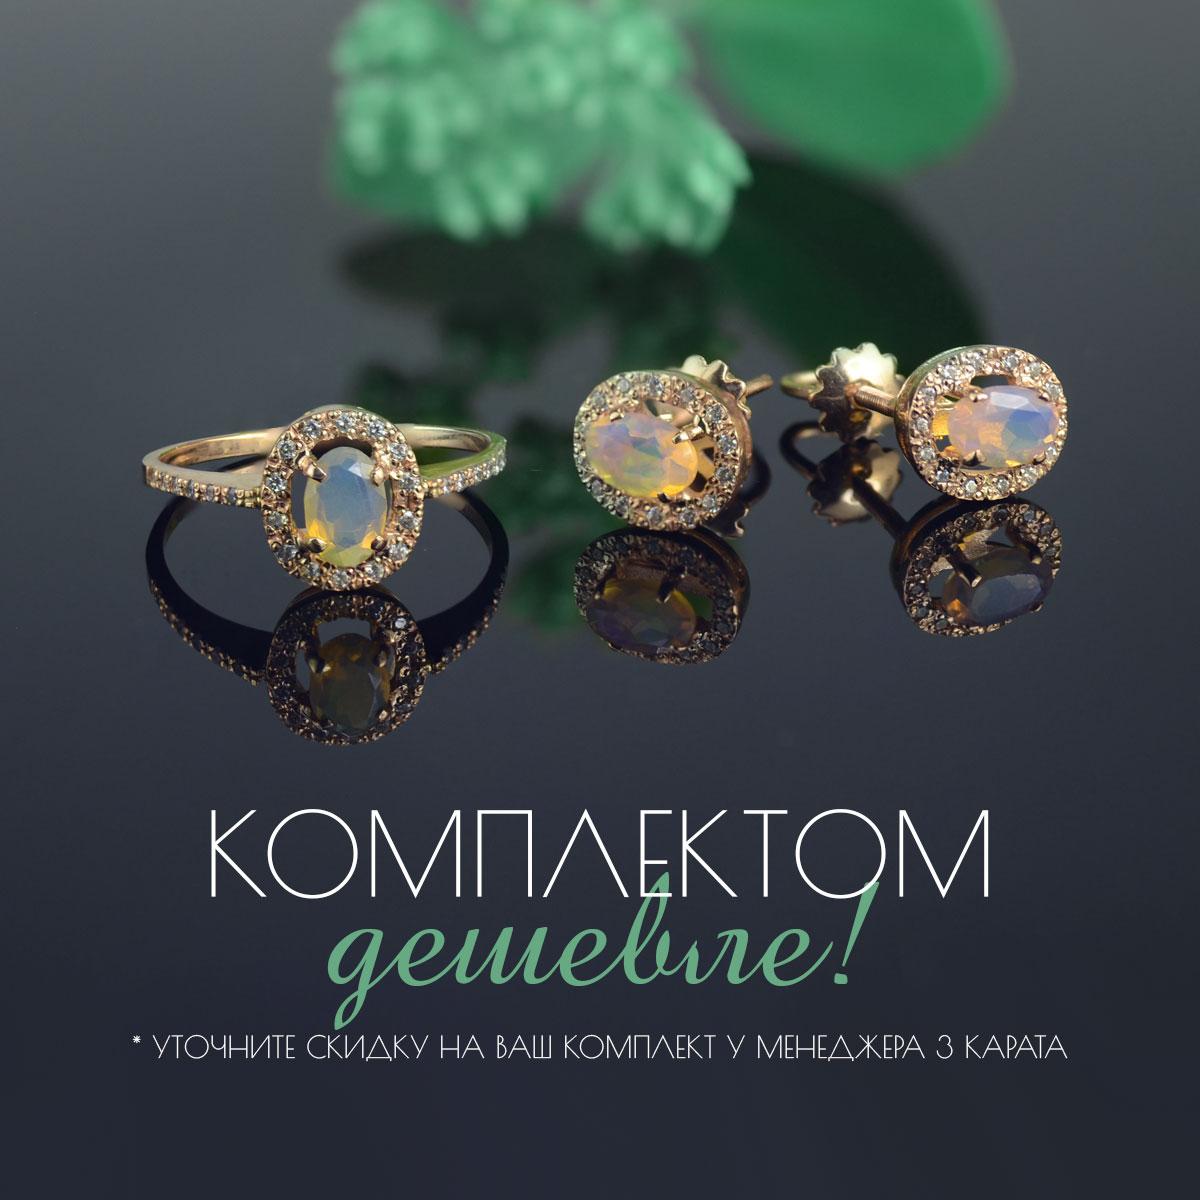 Наборы золотых украшений, ювелирные комплекты Ювелирный интернет-магазин 3 Карата'